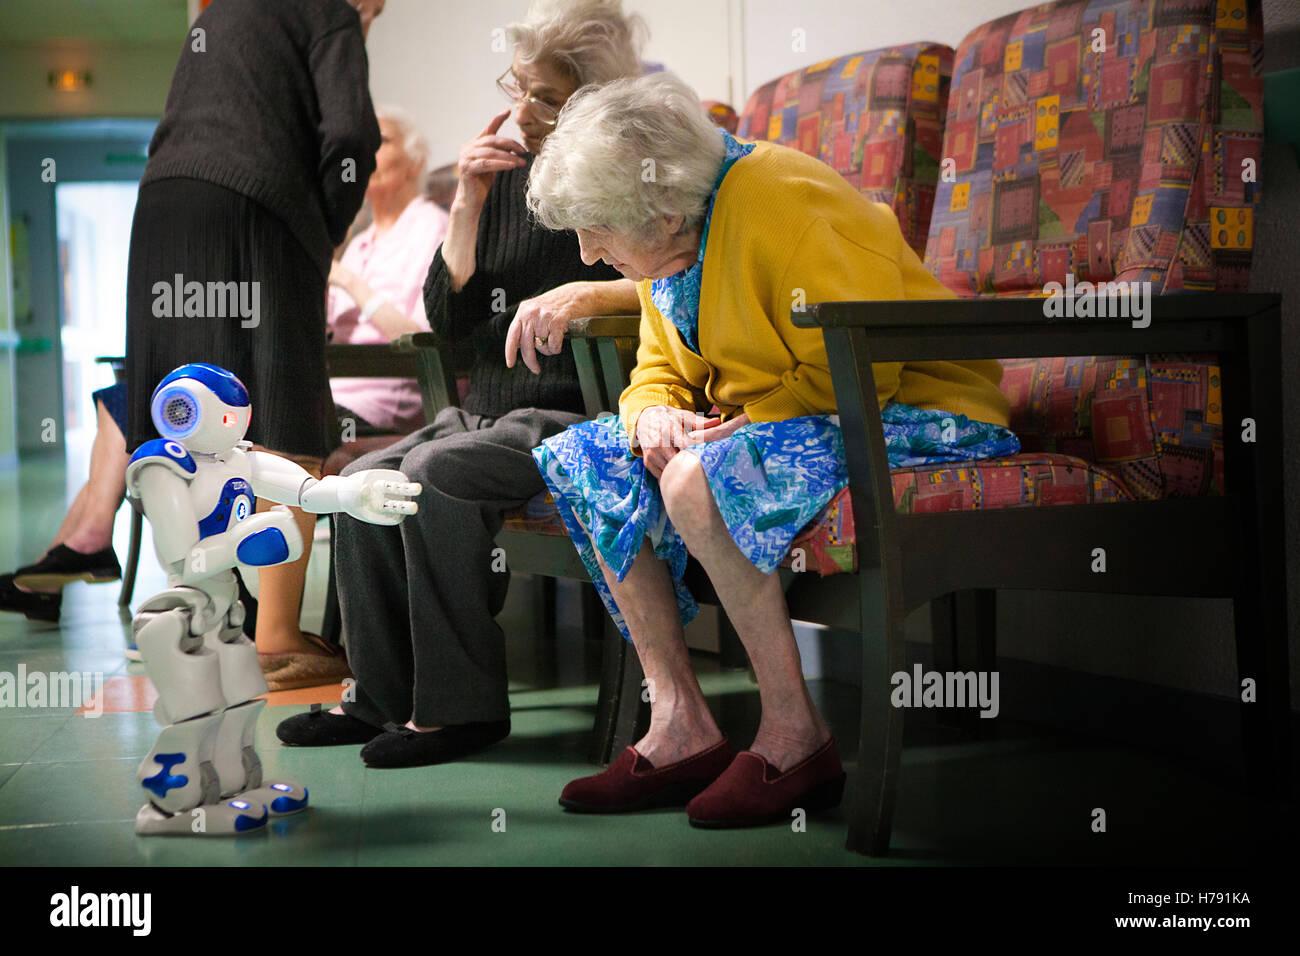 ROBOT DI ZORA Immagini Stock